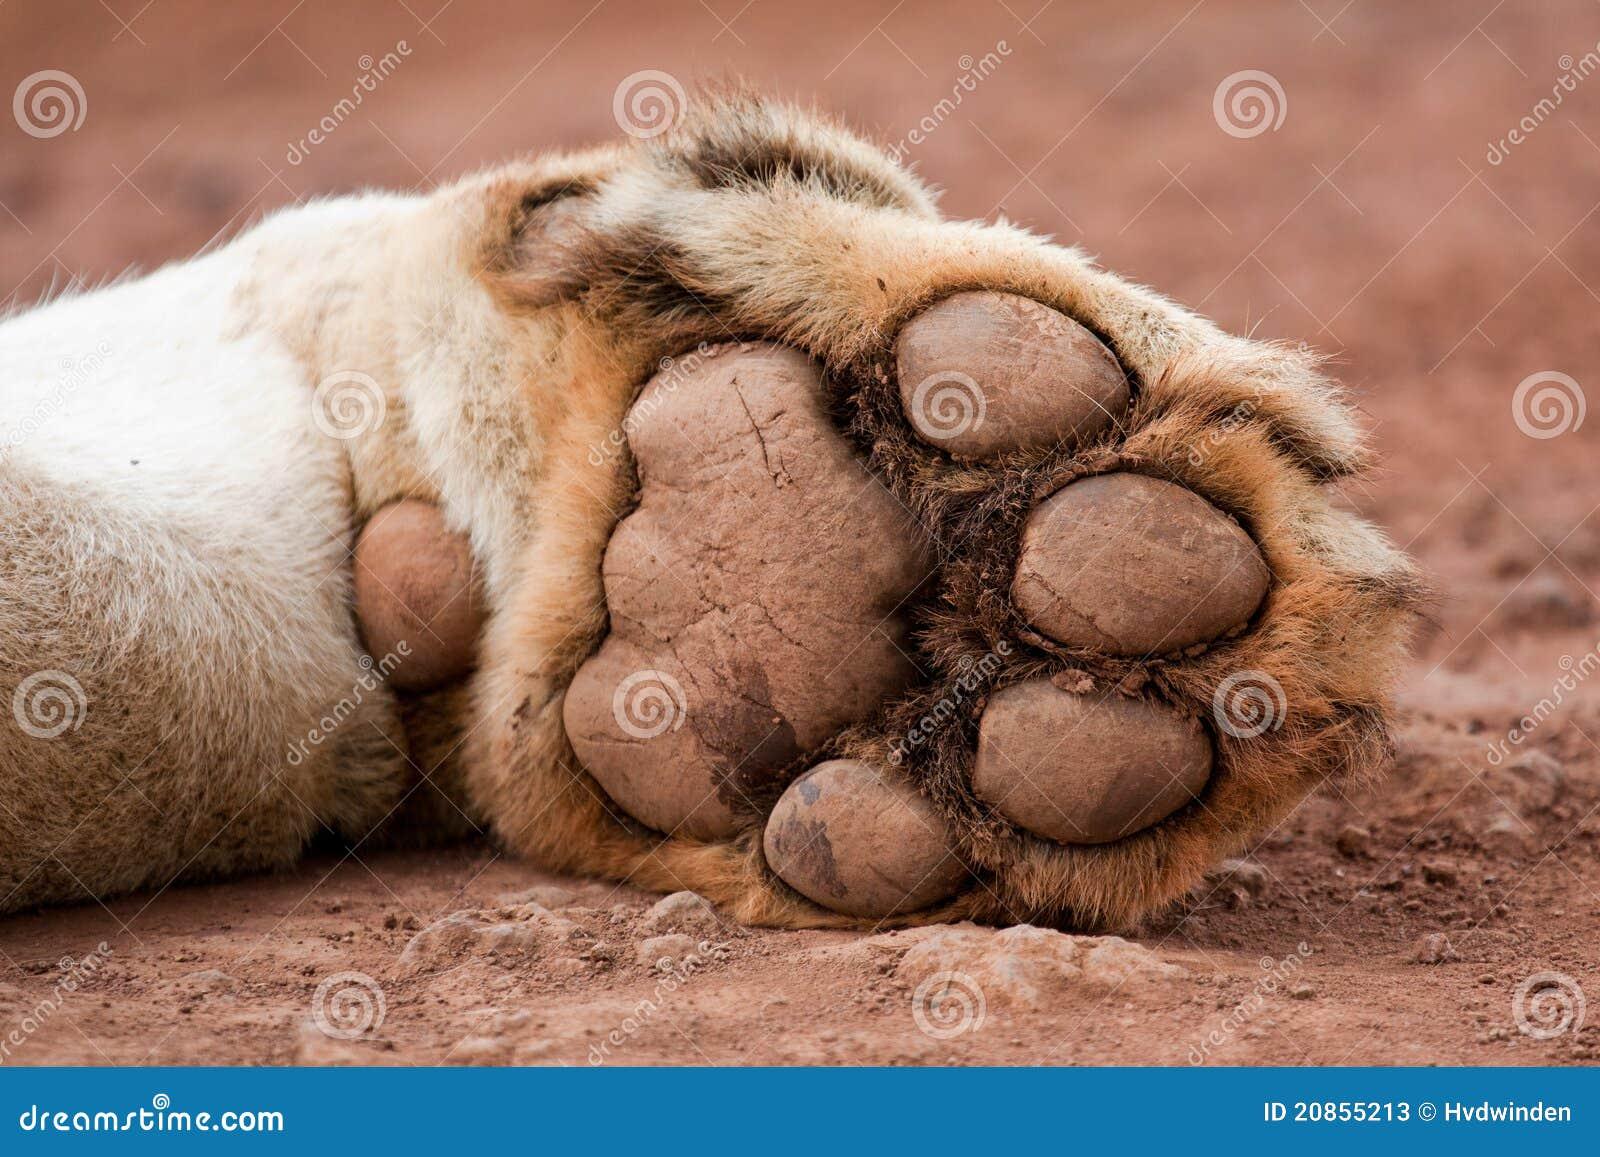 lions paw Lionspawnews.